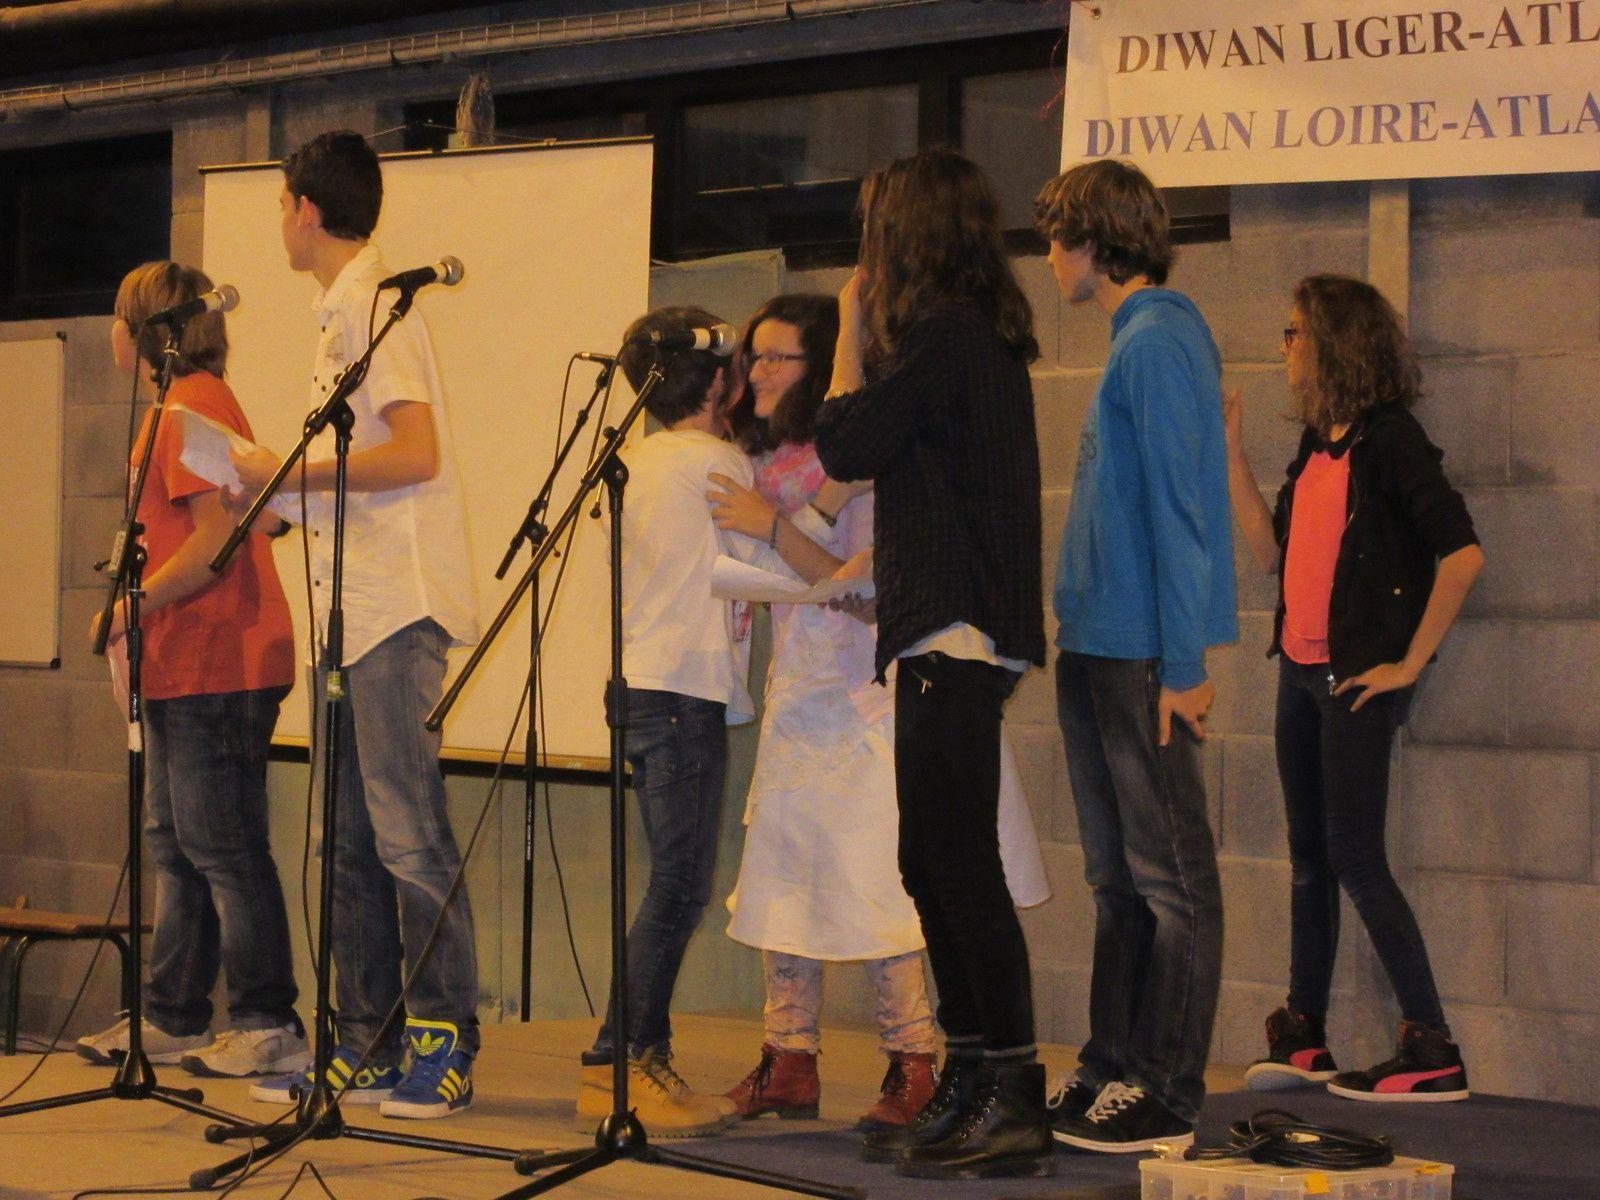 Dec'h da noz, Gouel Skolaj Diwan Liger-Atlantel e Sant-Ervlan